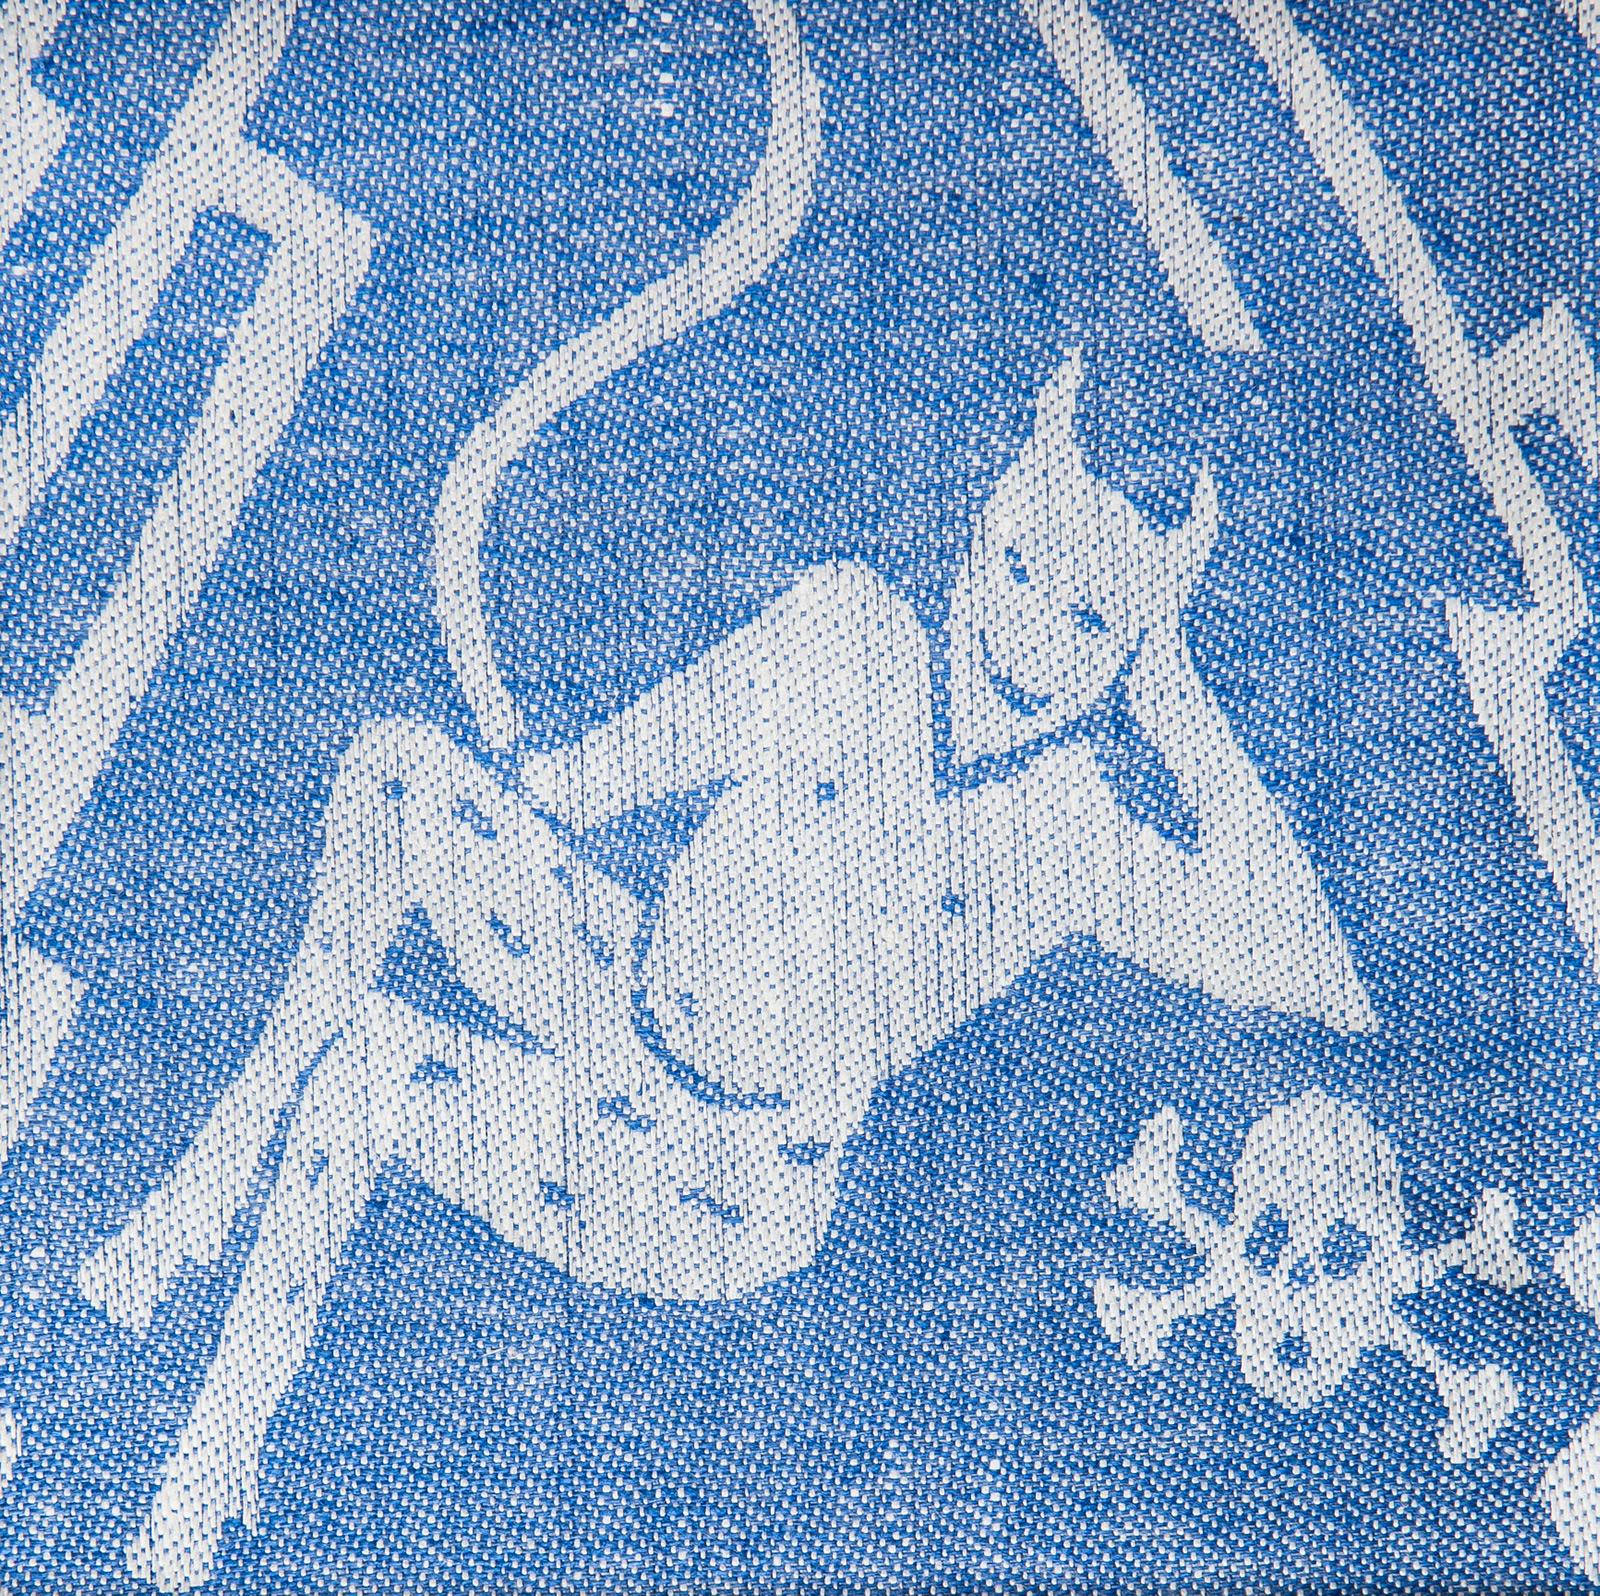 Helvete handduk hellinne Klässbols linneväveri Wanja Djanaieff blå